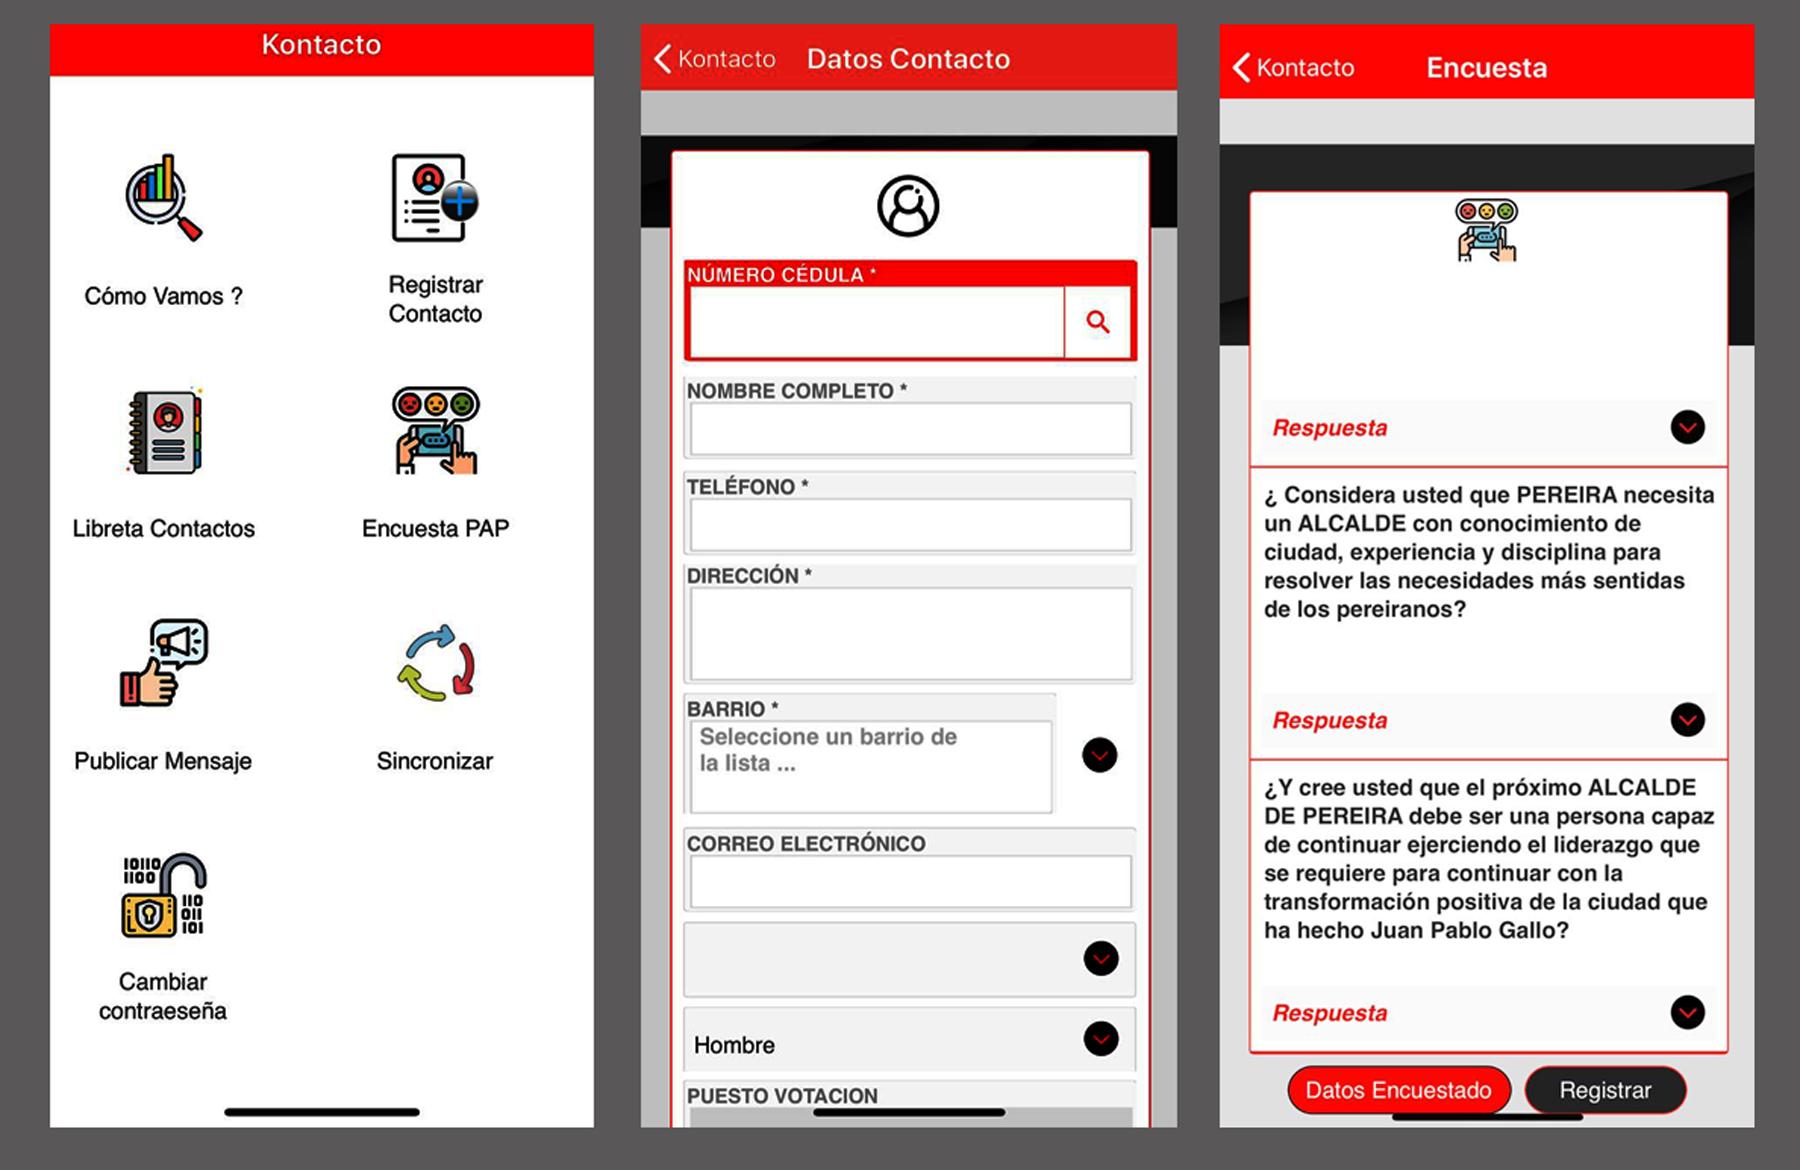 Kontacto, la app que capta votos en la Alcaldía de Pereira